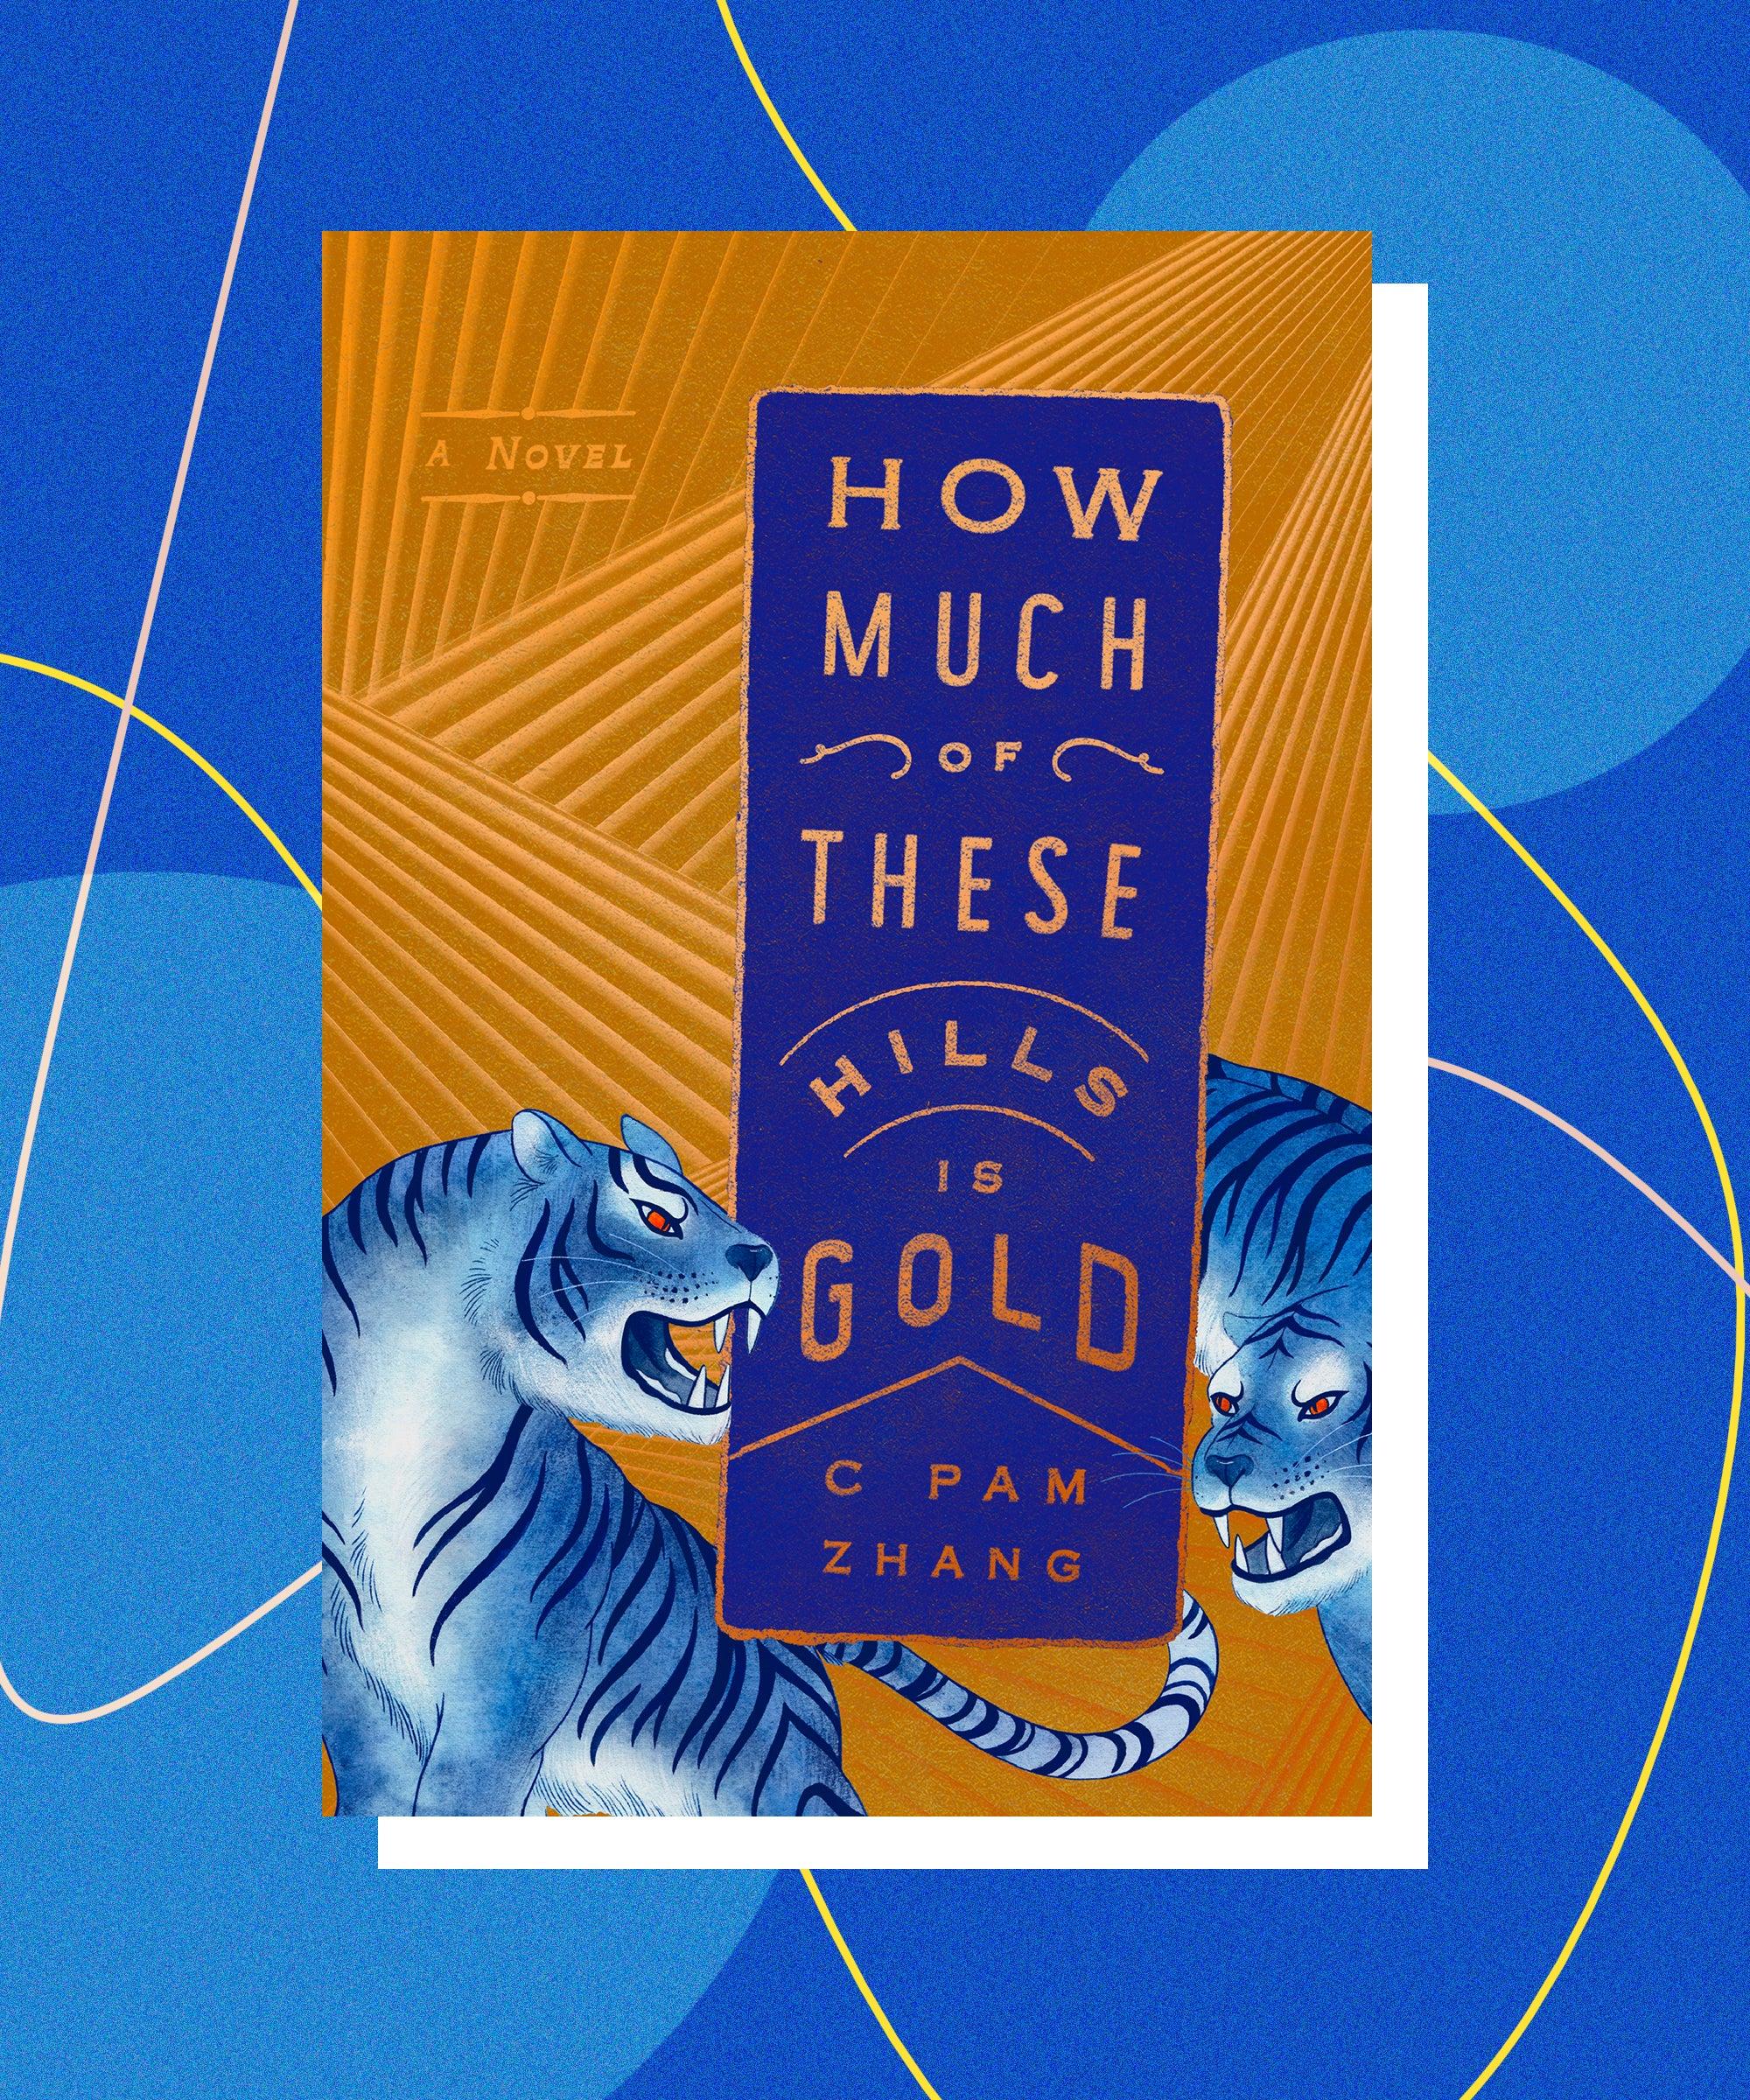 Best Books Of 2020 So Far: Fiction, Thriller, & More